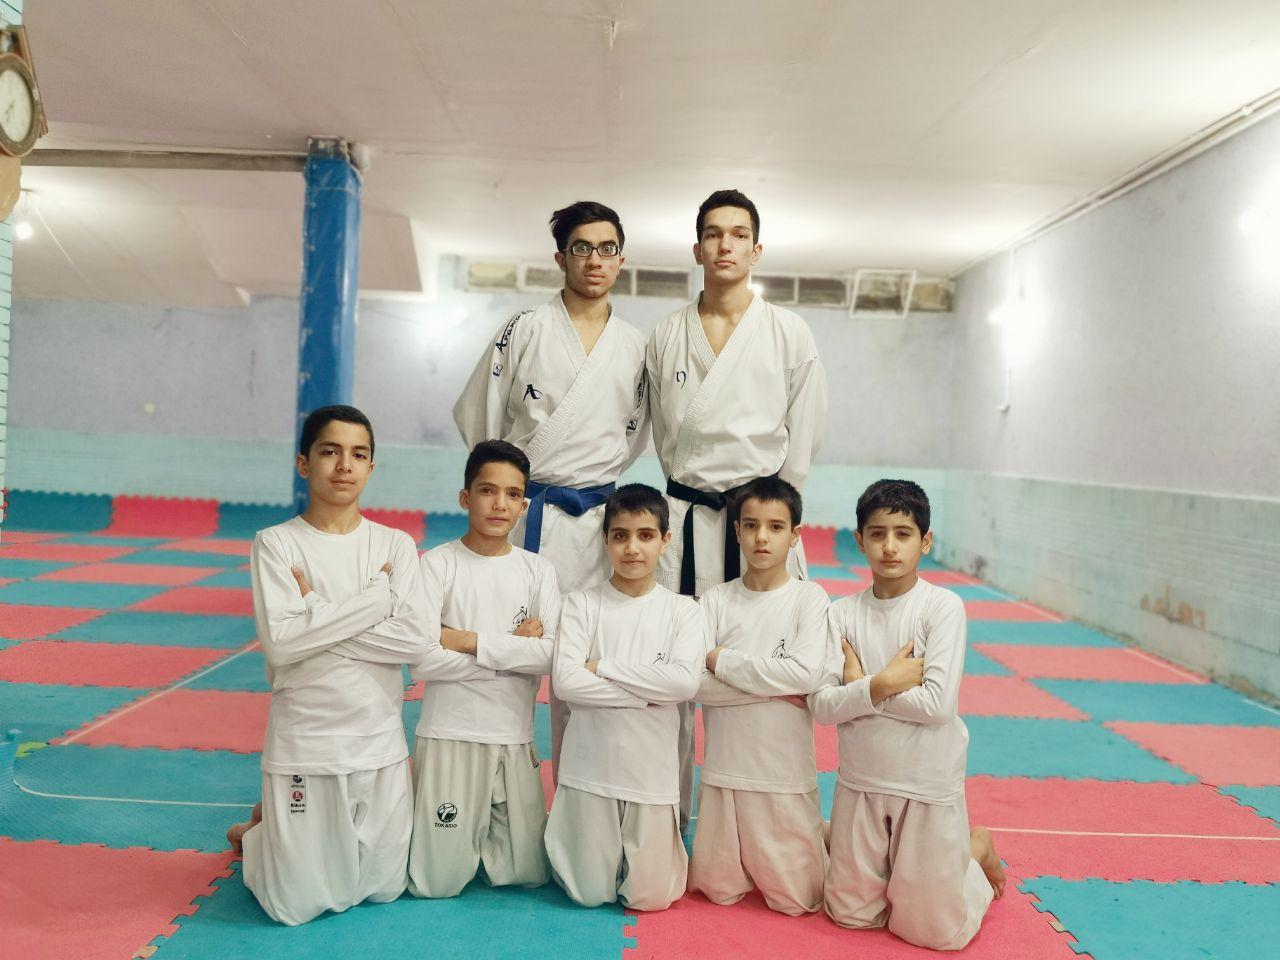 تیم جوانه های جاویدان در لیگ کاراته استان